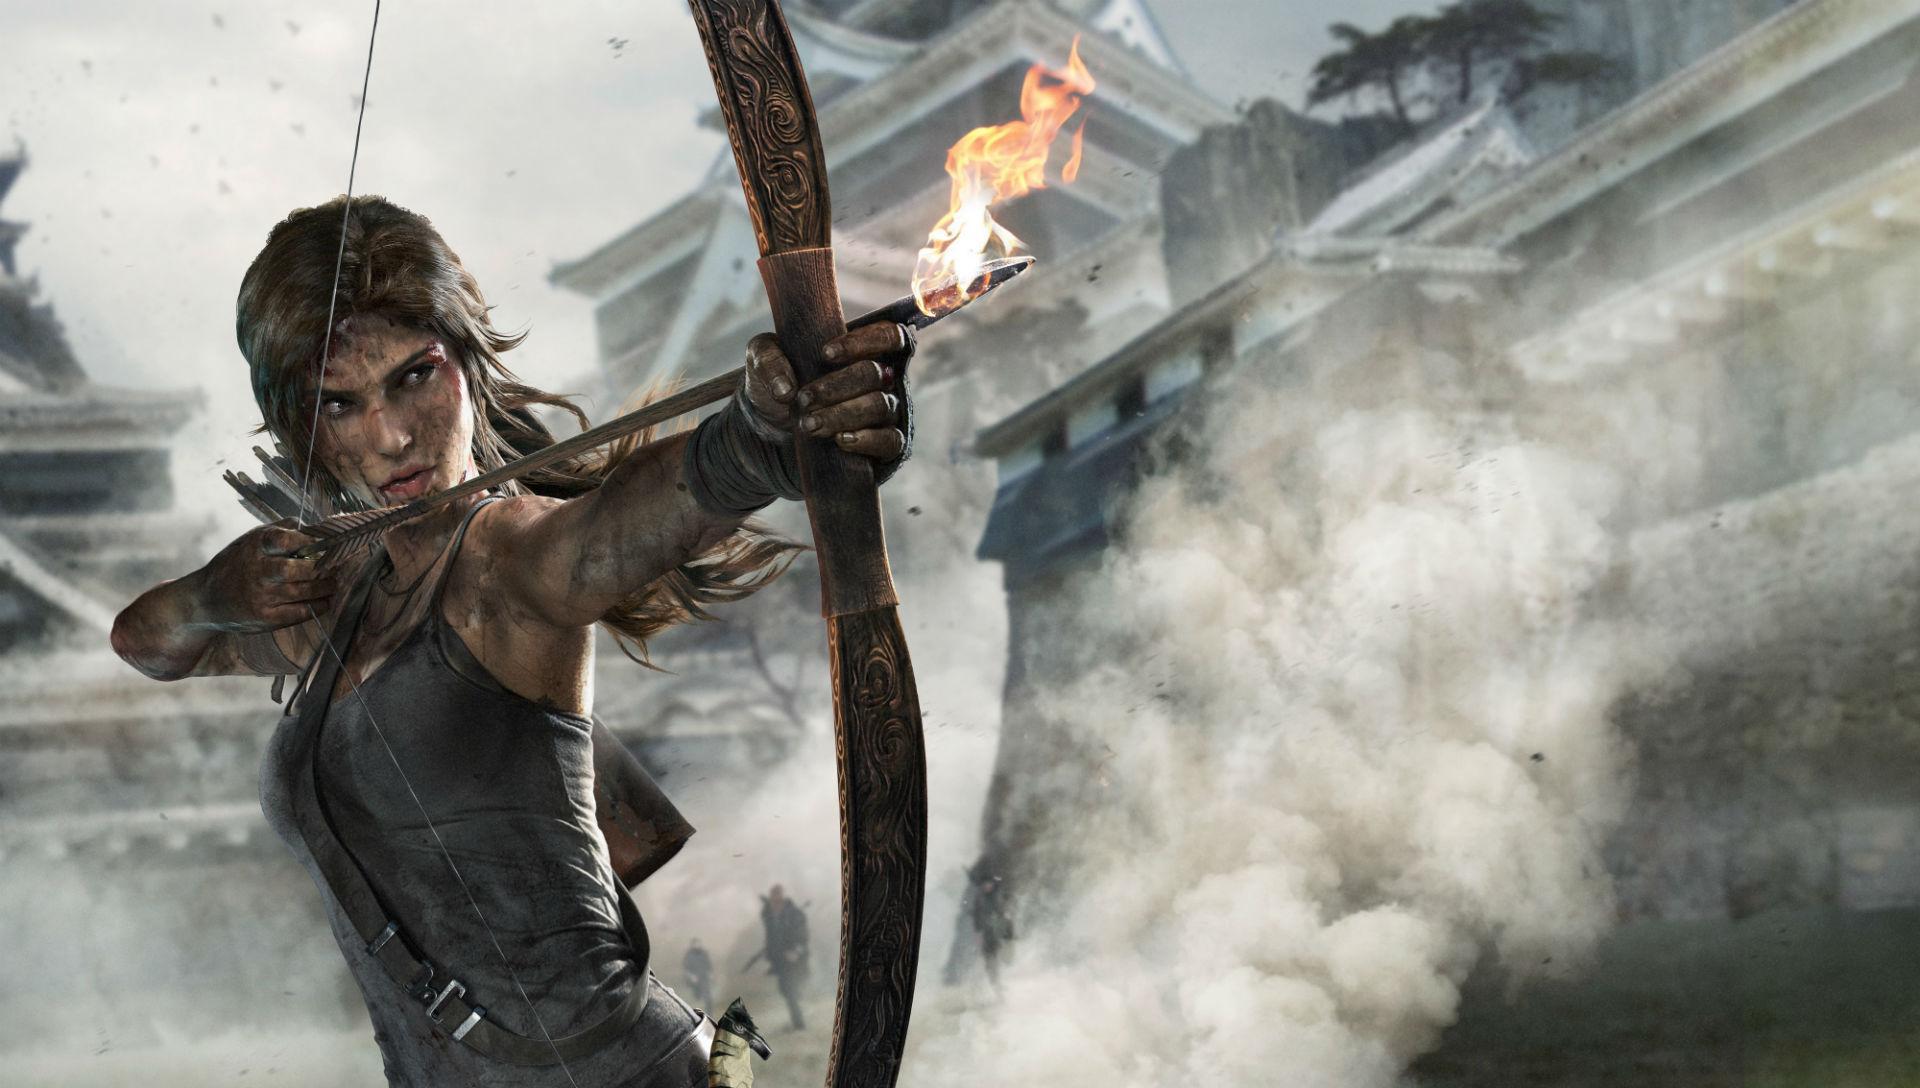 El reboot de Tomb Raider ha vendido 11 millones de unidades, pero para Square Enix esto no es suficiente